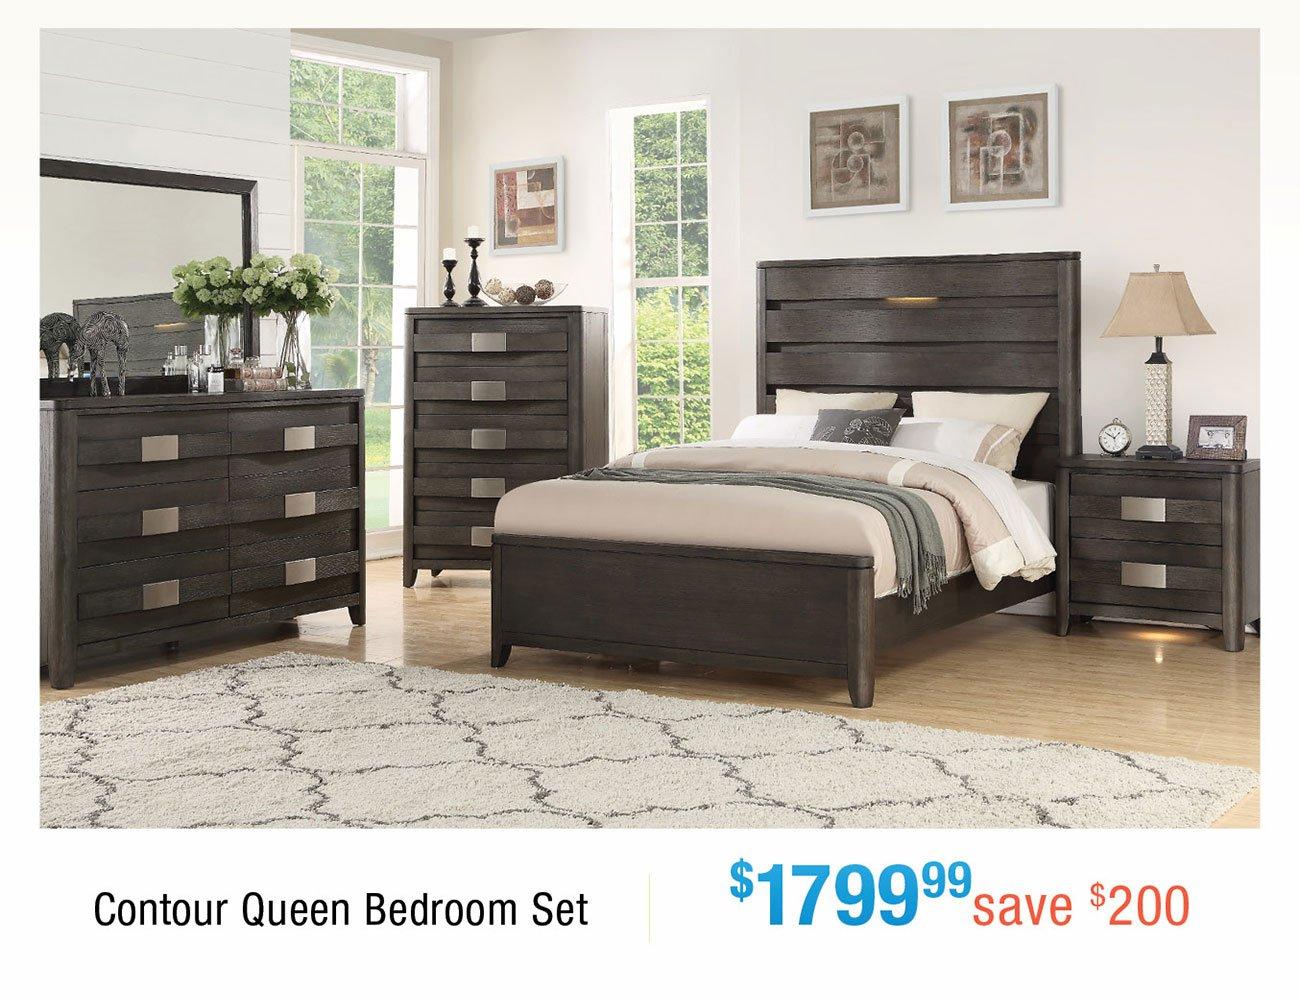 Contour-queen-bedroom-set